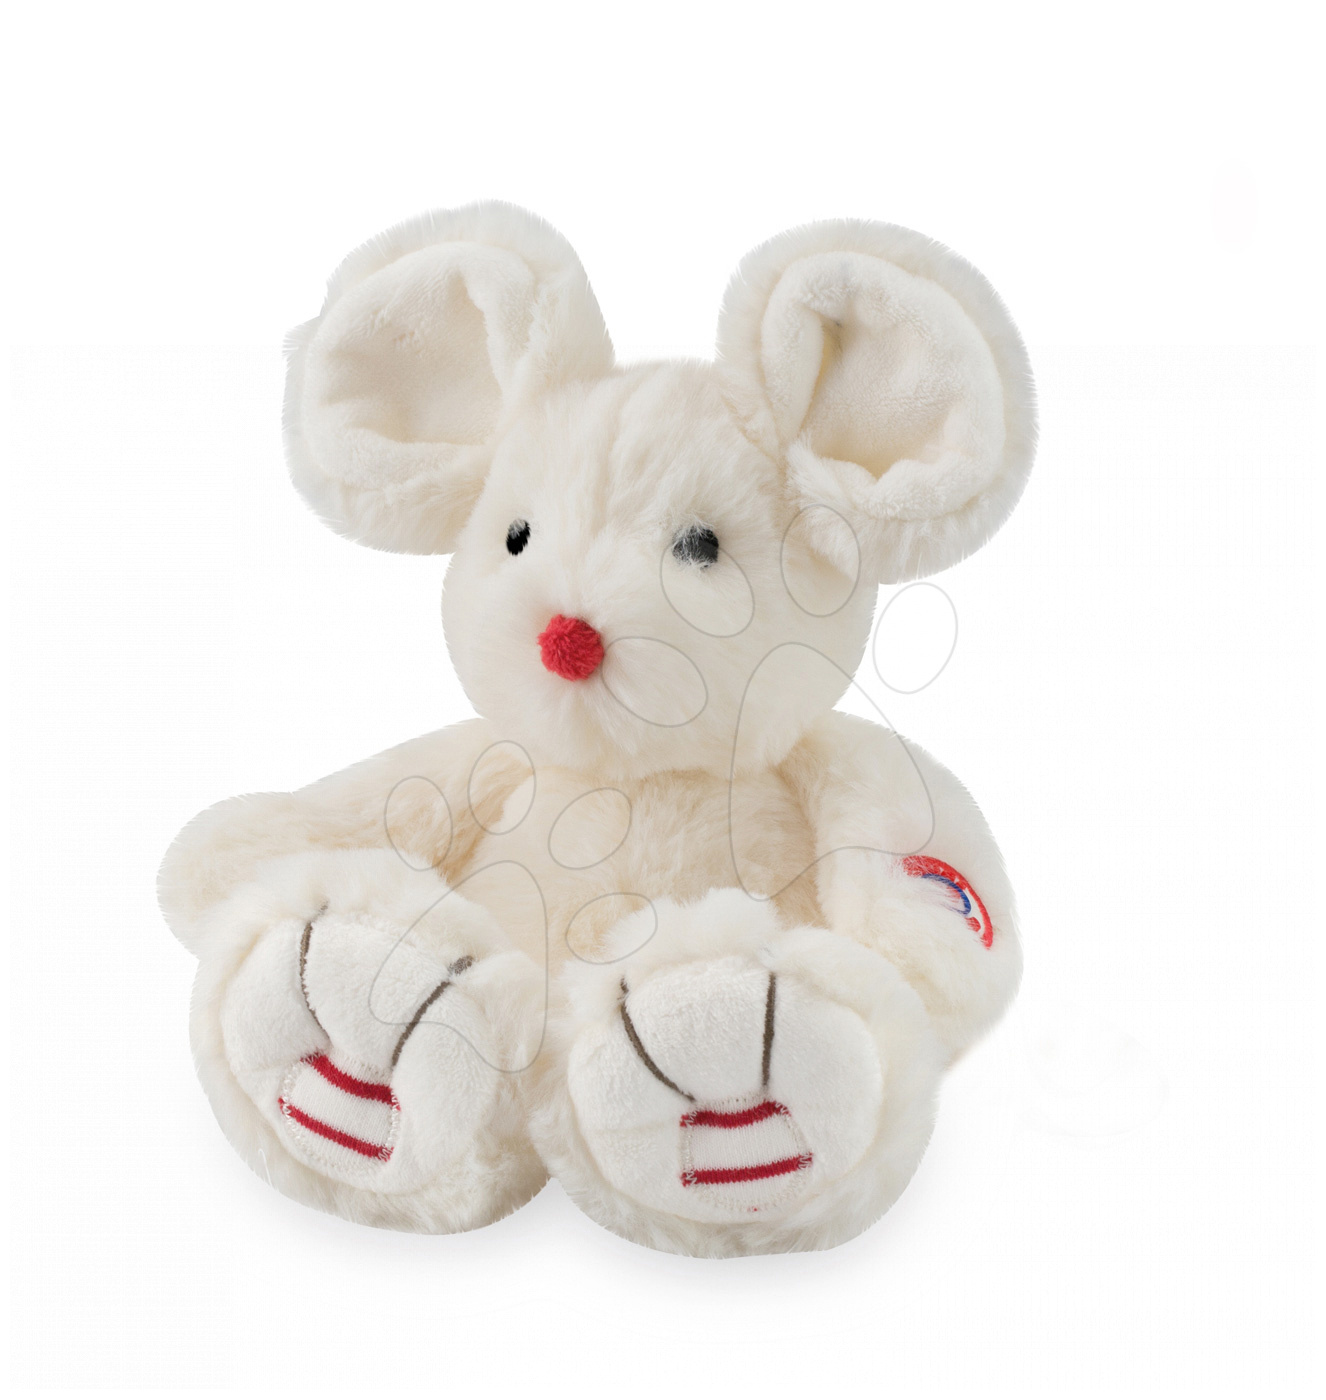 Plyšové a textilní hračky - Plyšová myška Rouge Kaloo 31cm pro nejmenší krémová